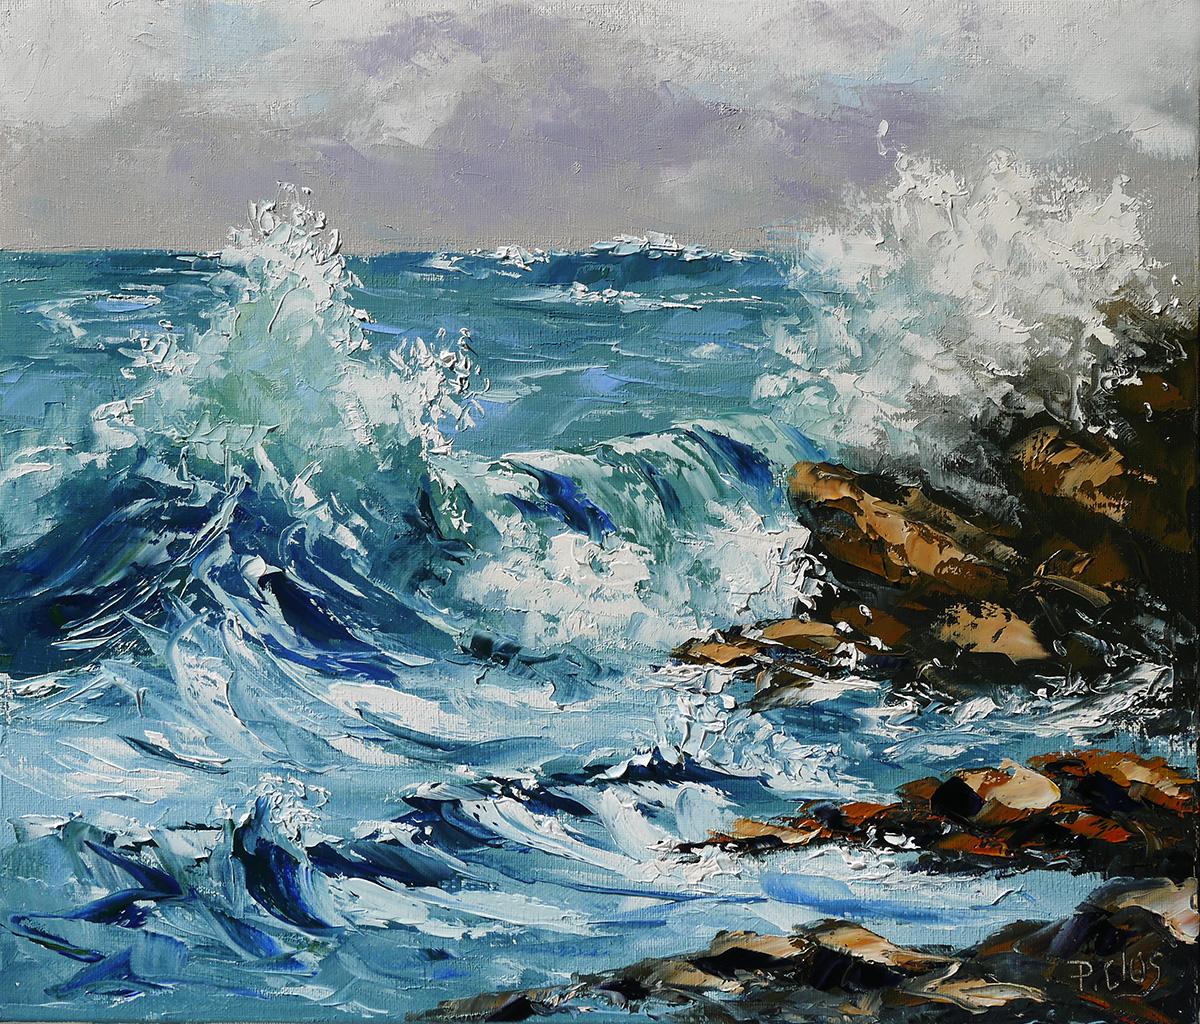 Bien connu Dessin et peinture - vidéo 1833 : La mer houleuse - peinture à l  ZS43